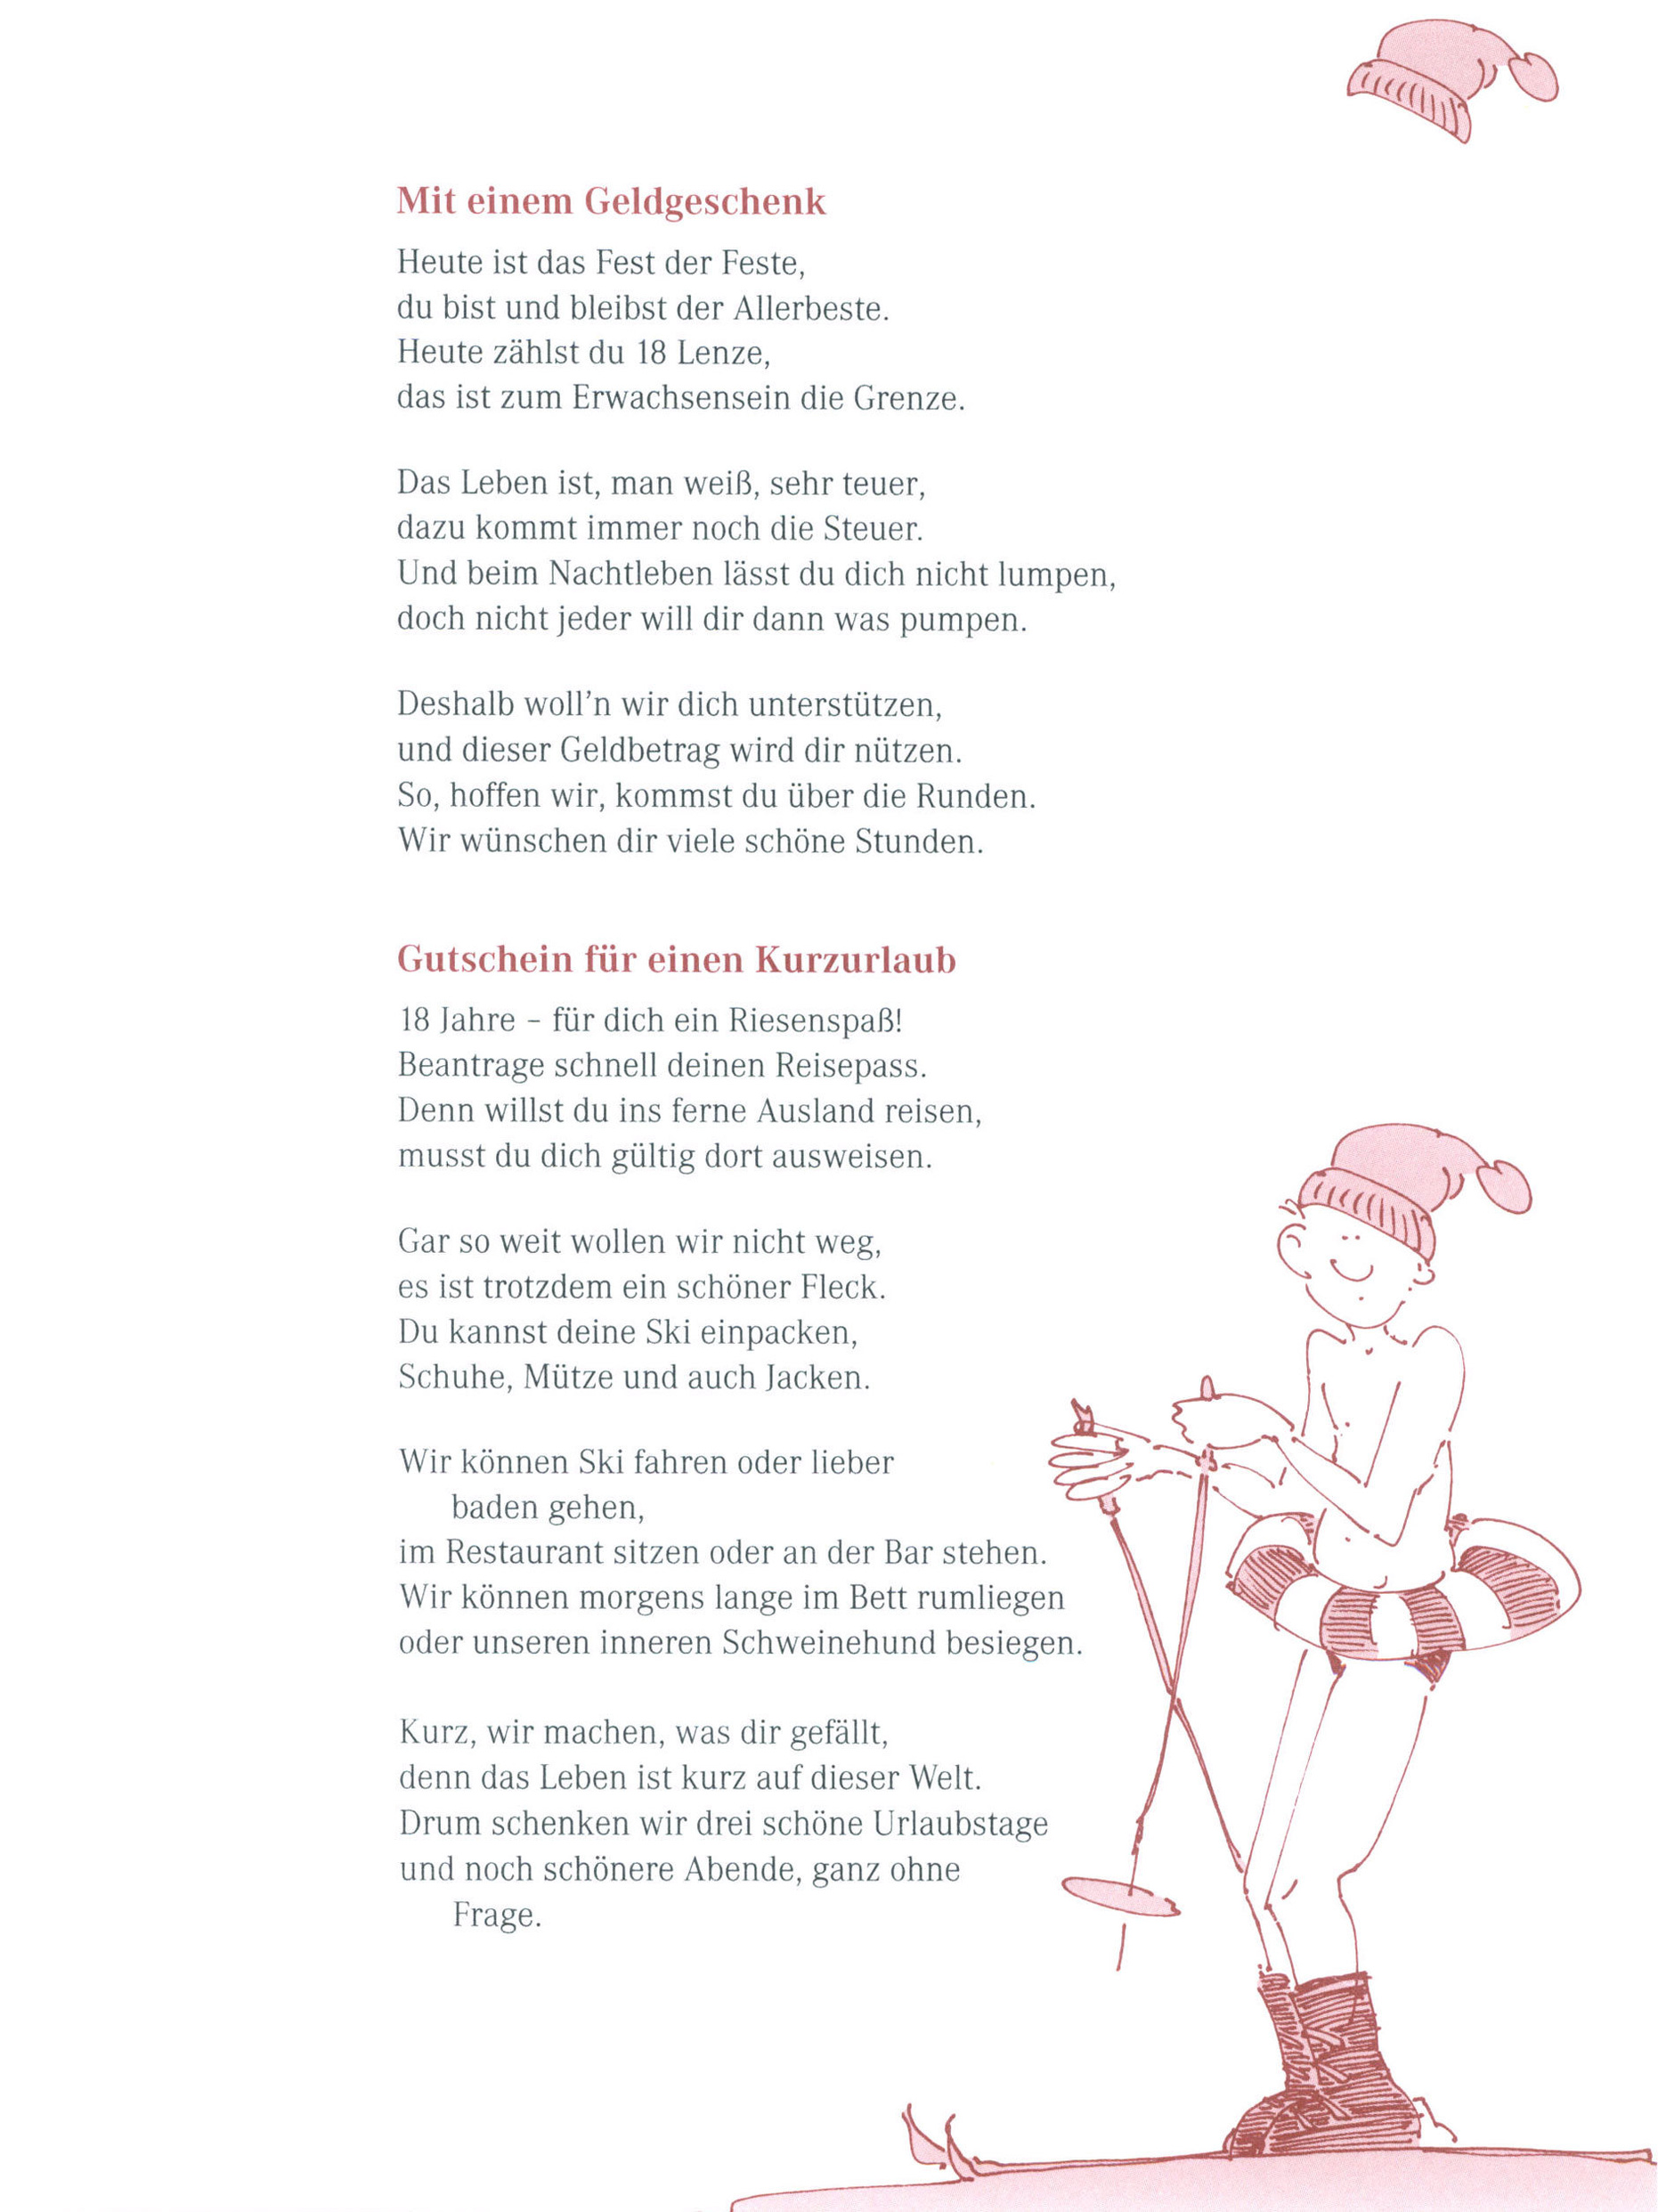 Geburtstagsgedicht Aus Der Ferne Aus Der Ferne Diesen